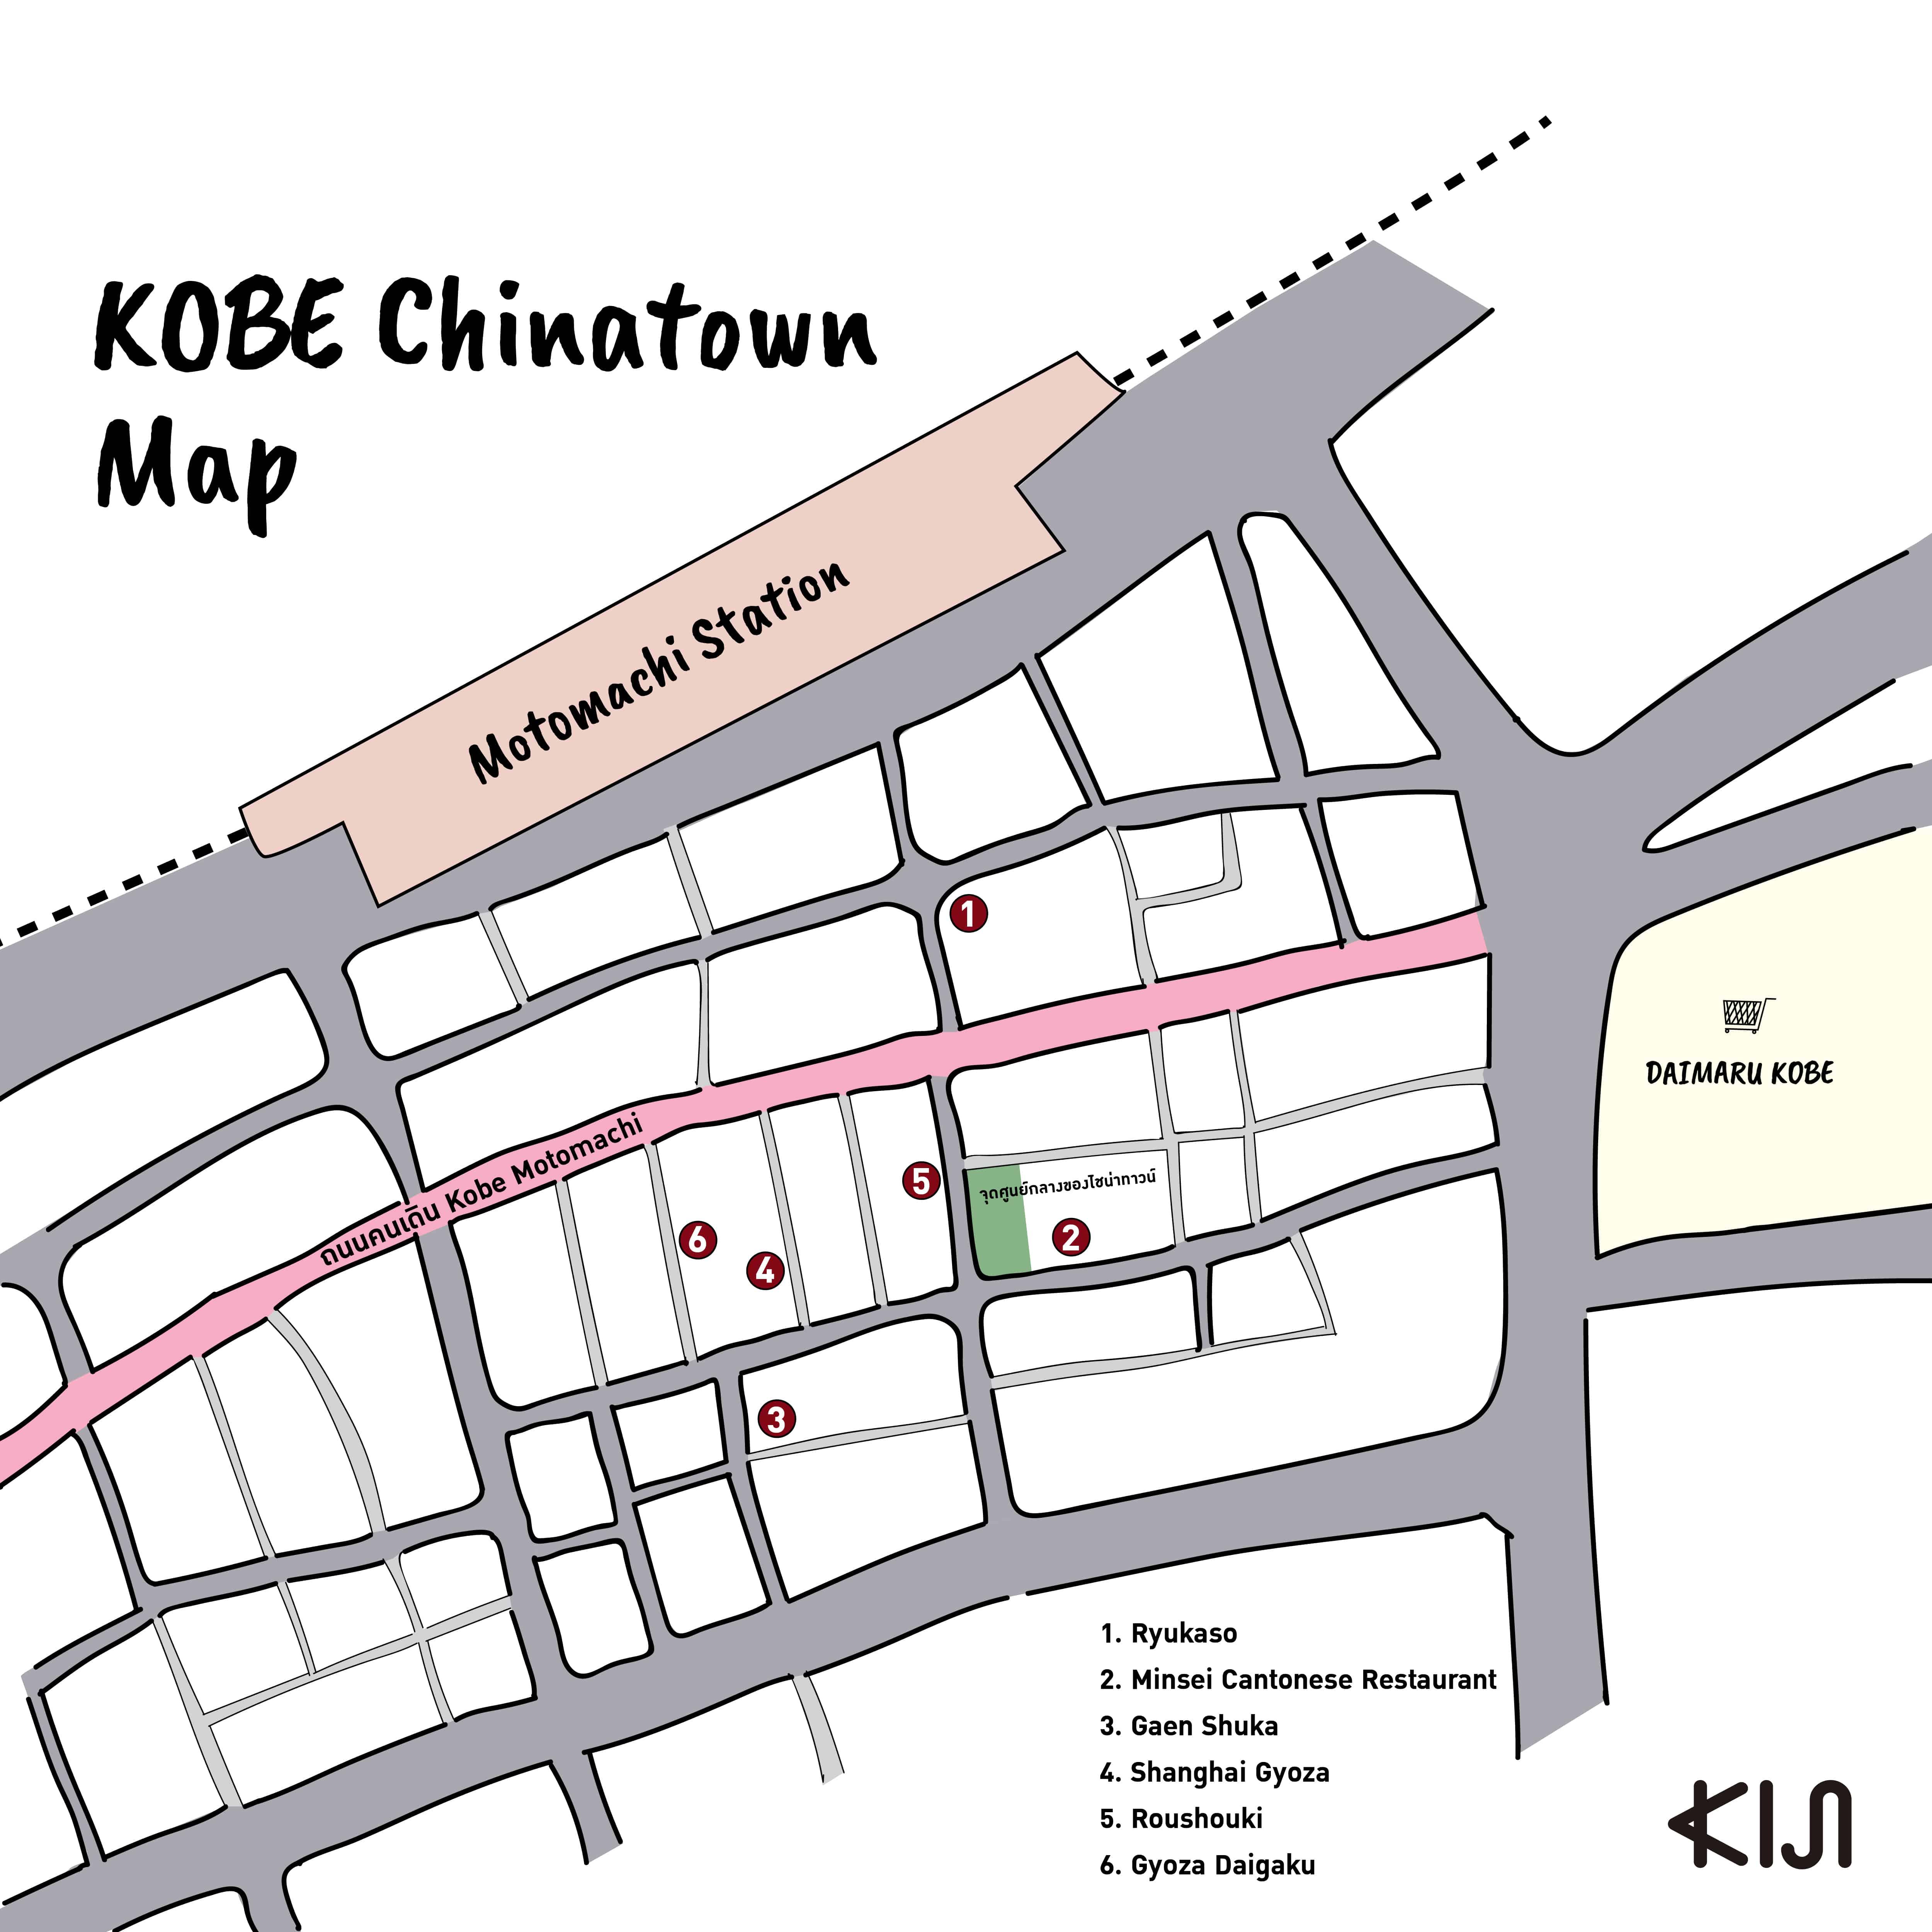 แผนที่แสดงตำแหน่งร้านอาหารที่ Nankinmachi ทั้ง 6 ร้าน